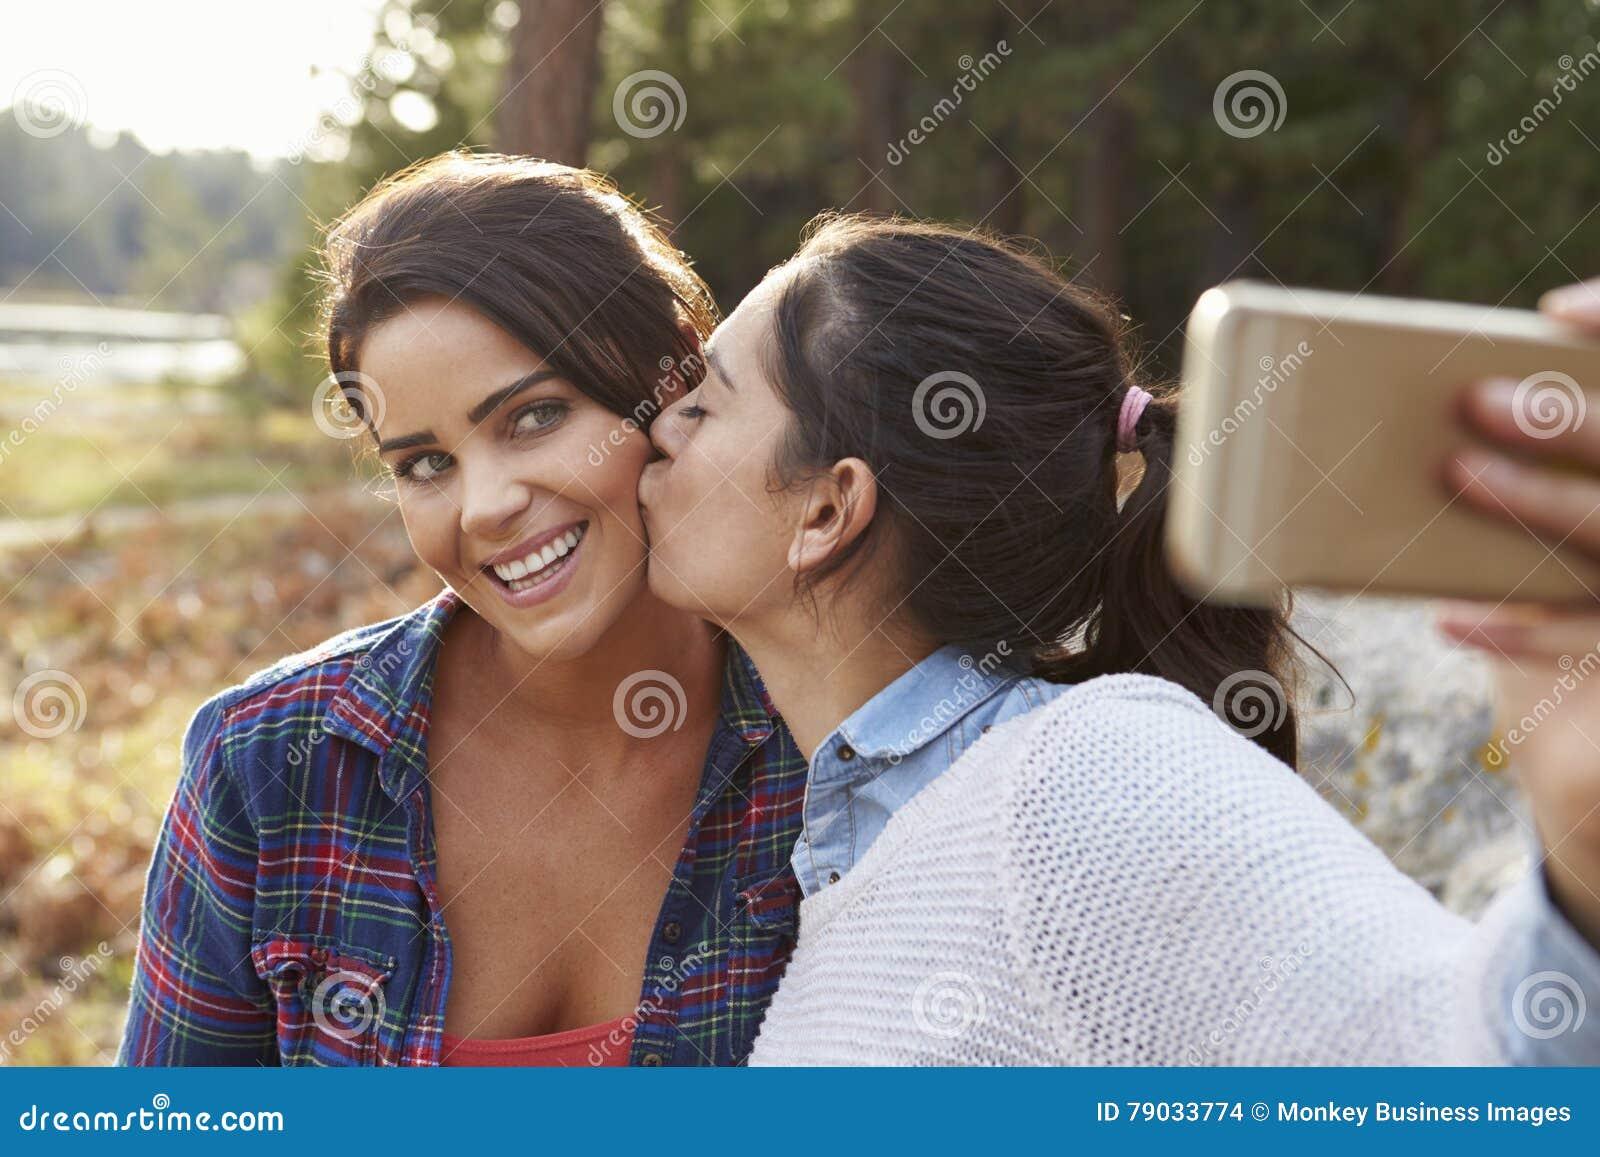 Küssen in der christlichen datierung